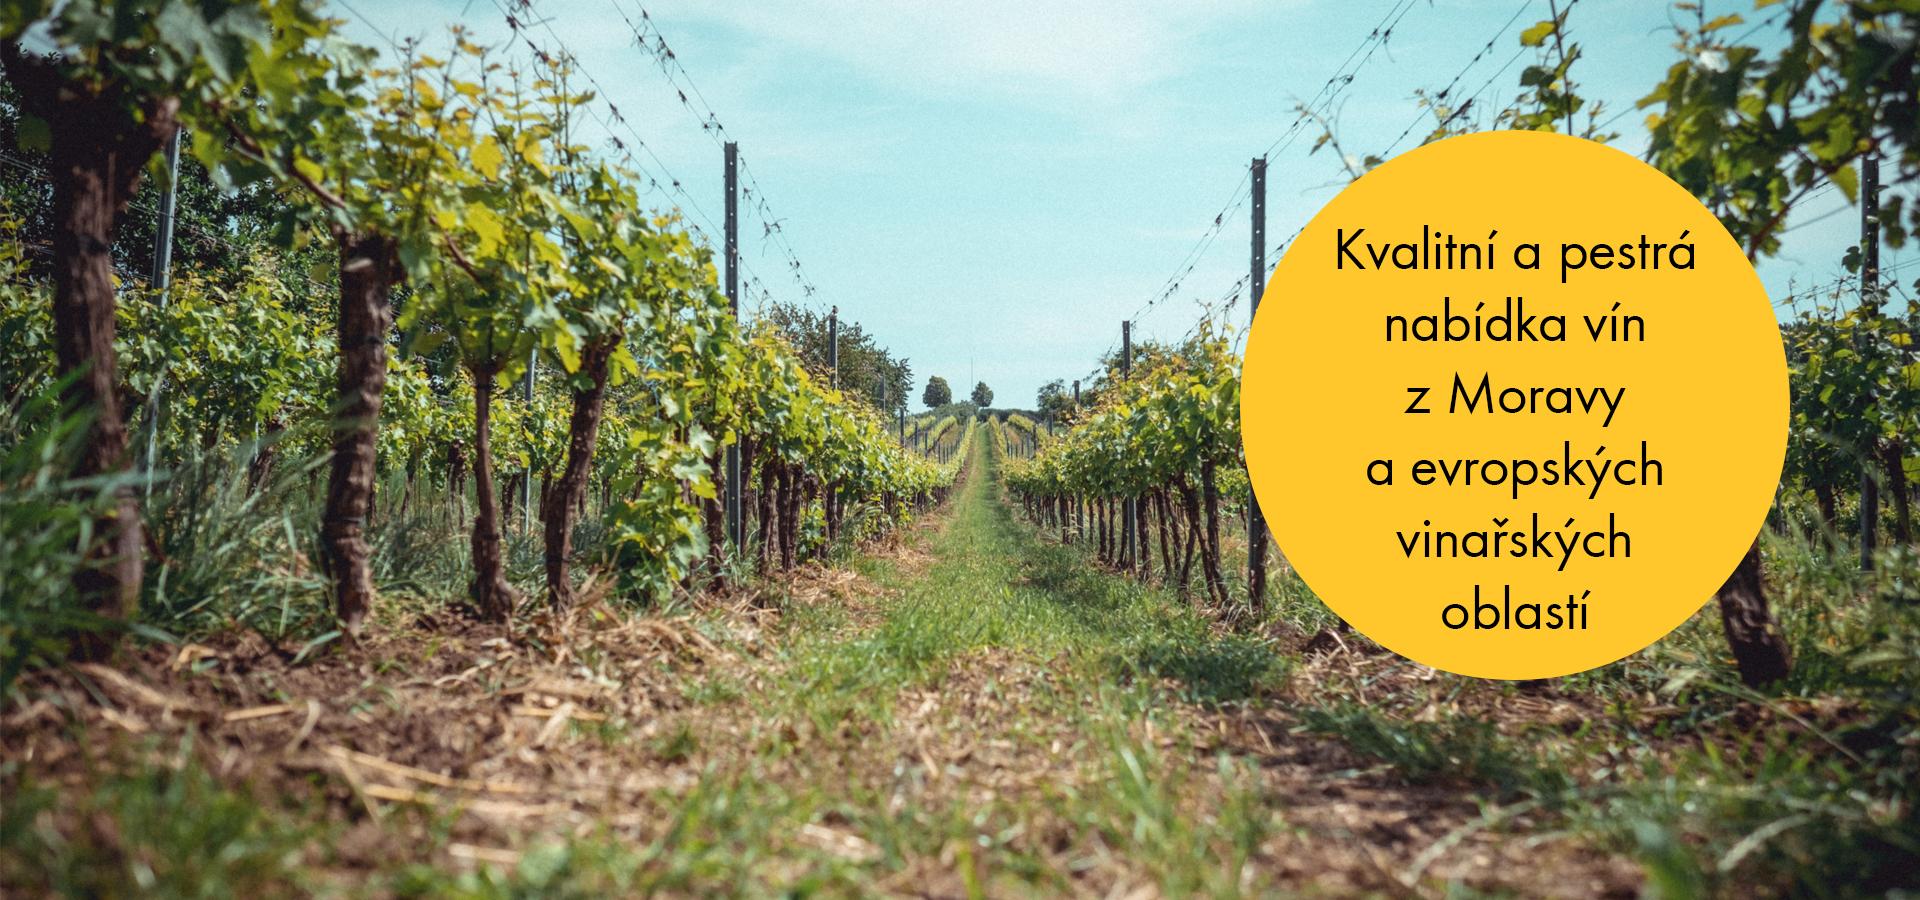 Kvalitní a pestrá nabídka vín z Moravy a evropských vinařských oblastí